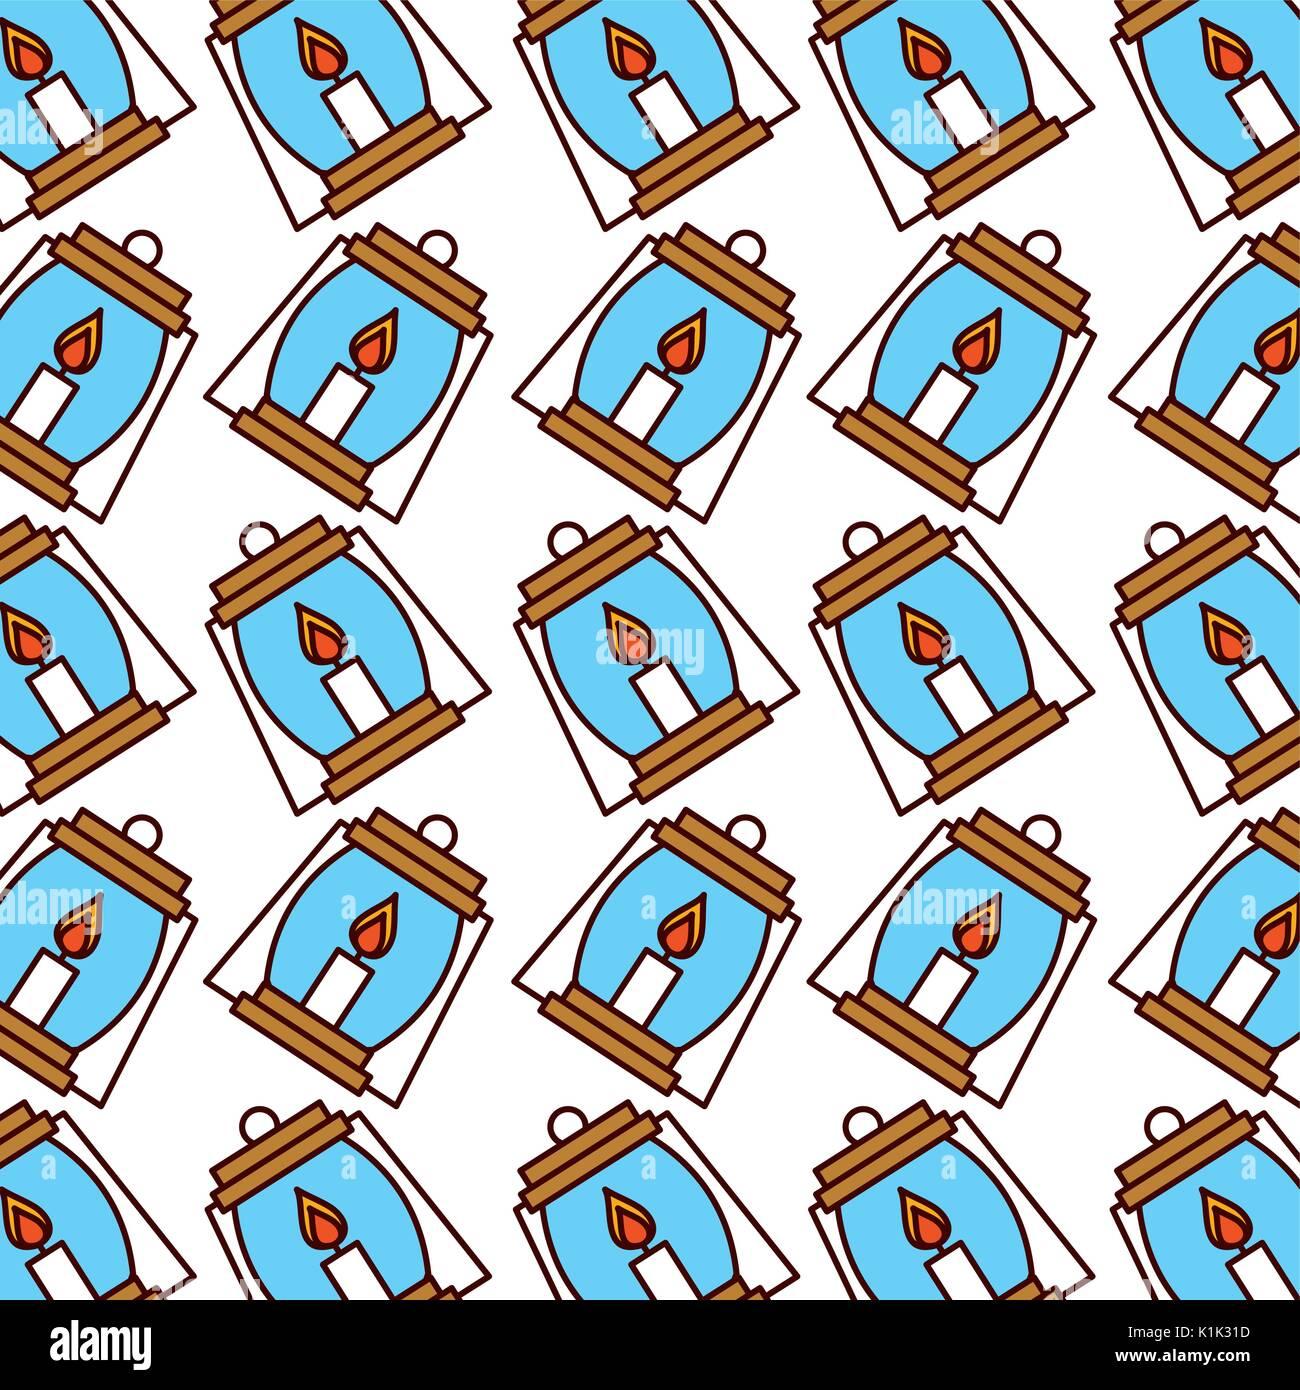 lantern camping pattern background - Stock Image